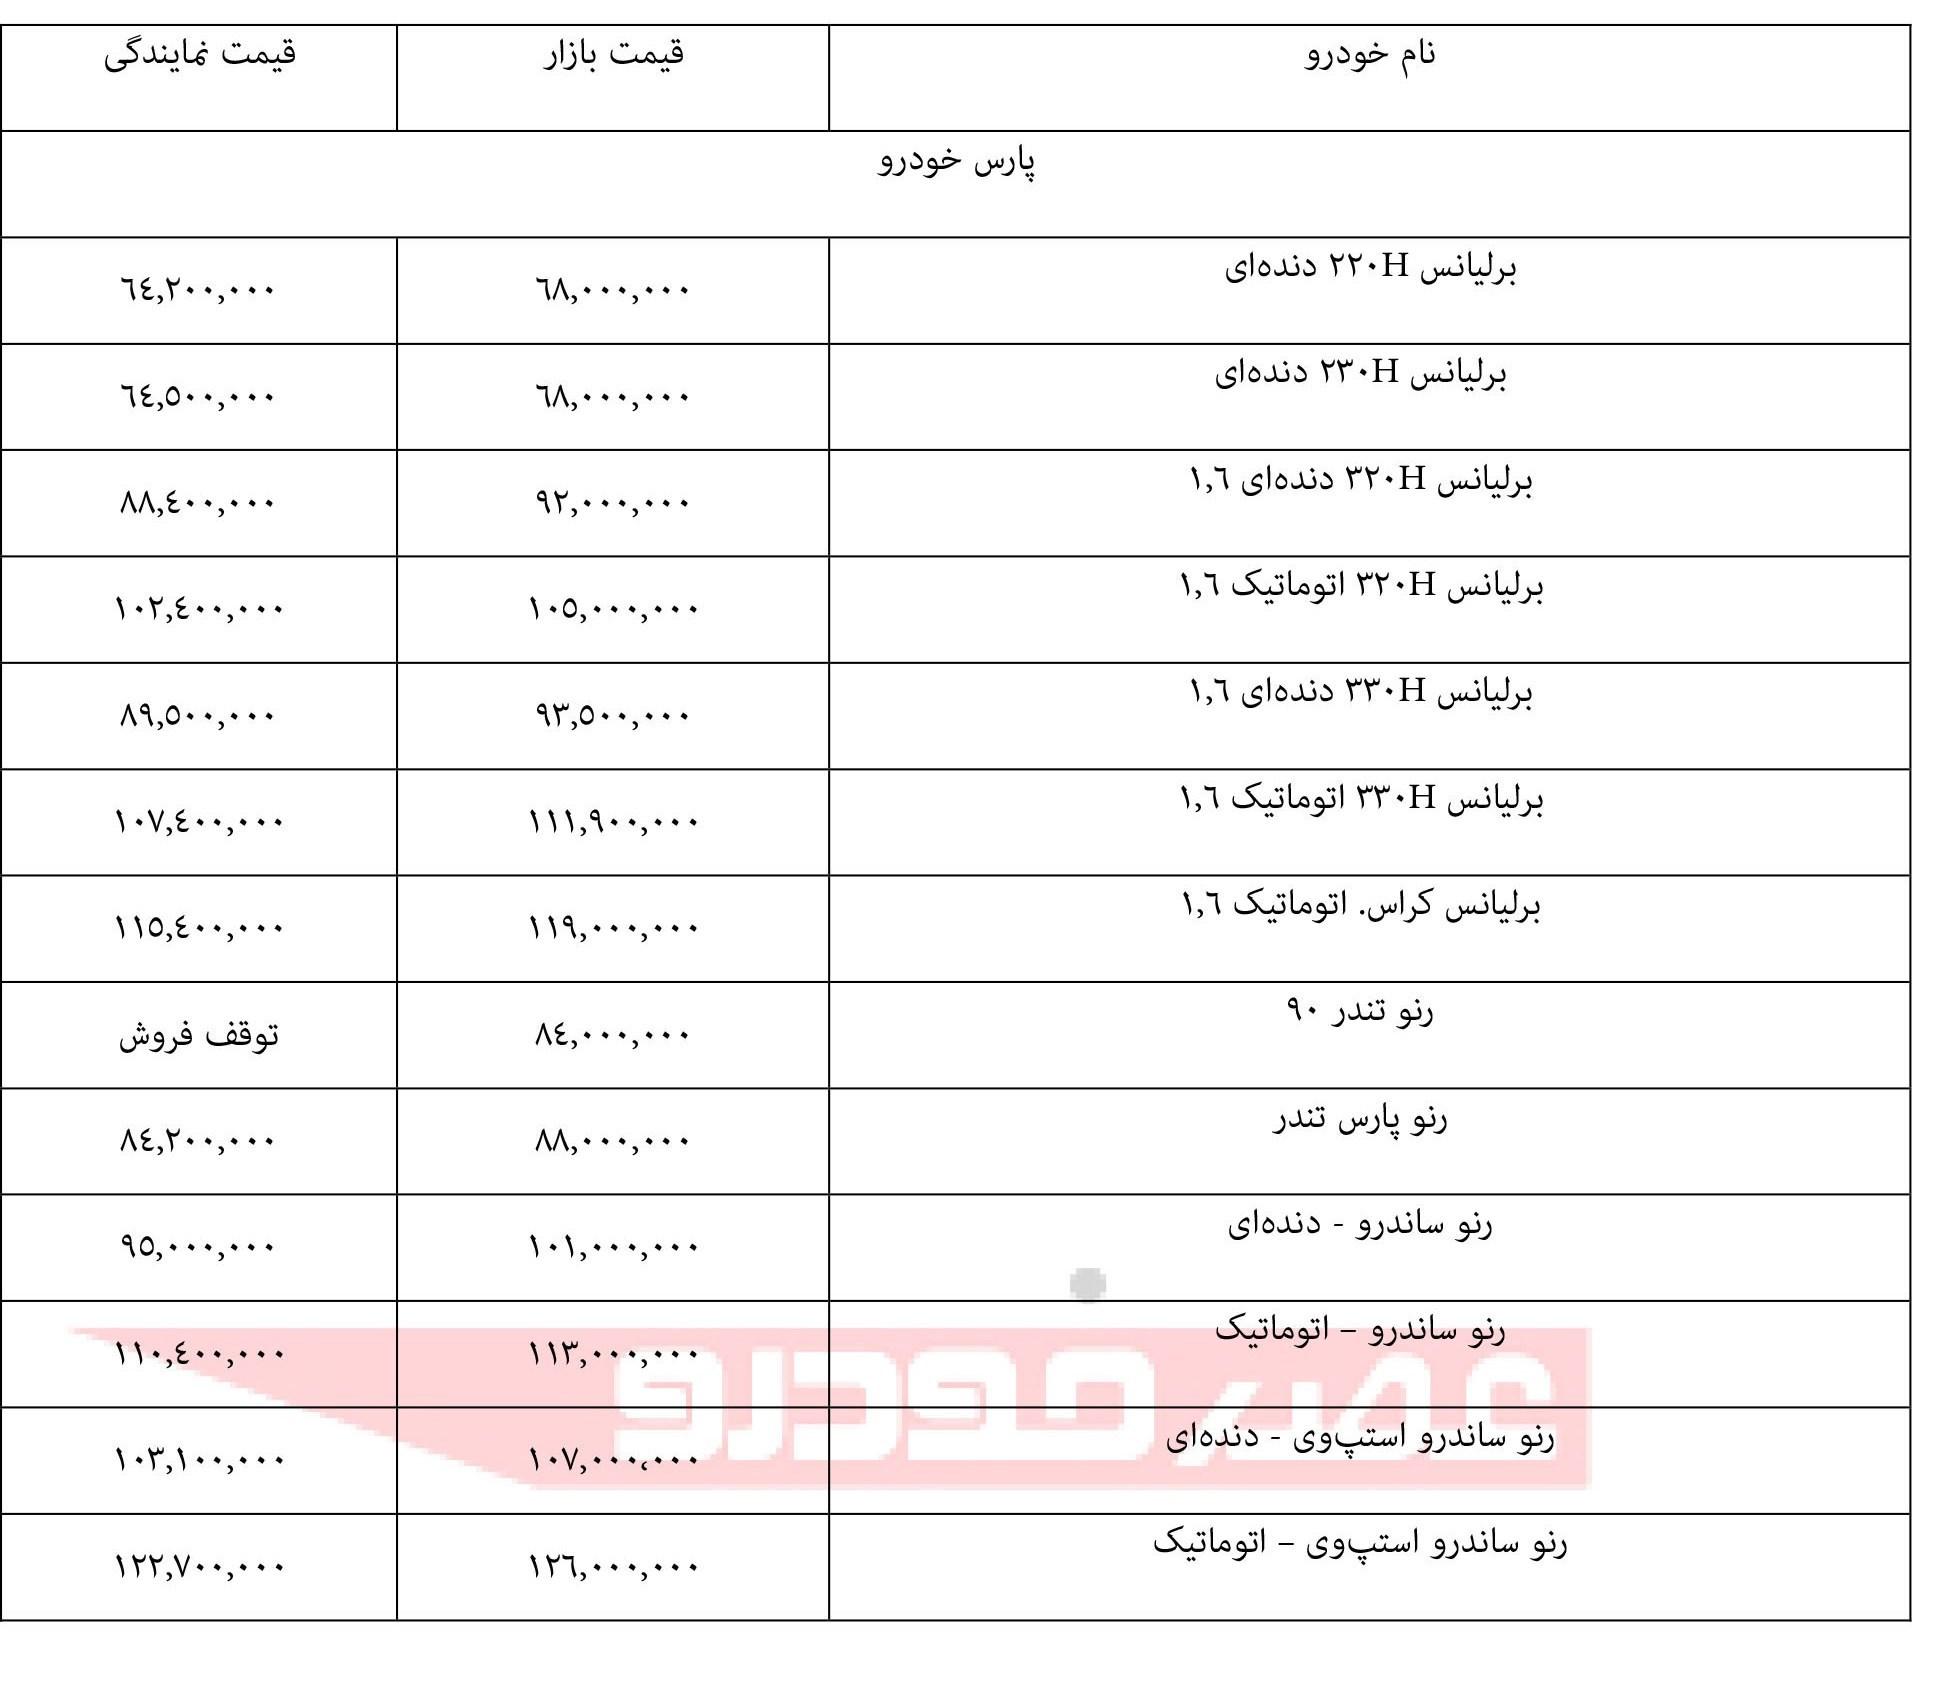 قیمت انواع محصولات پارس خودرو ۲۵ دی ۹۷ - 2